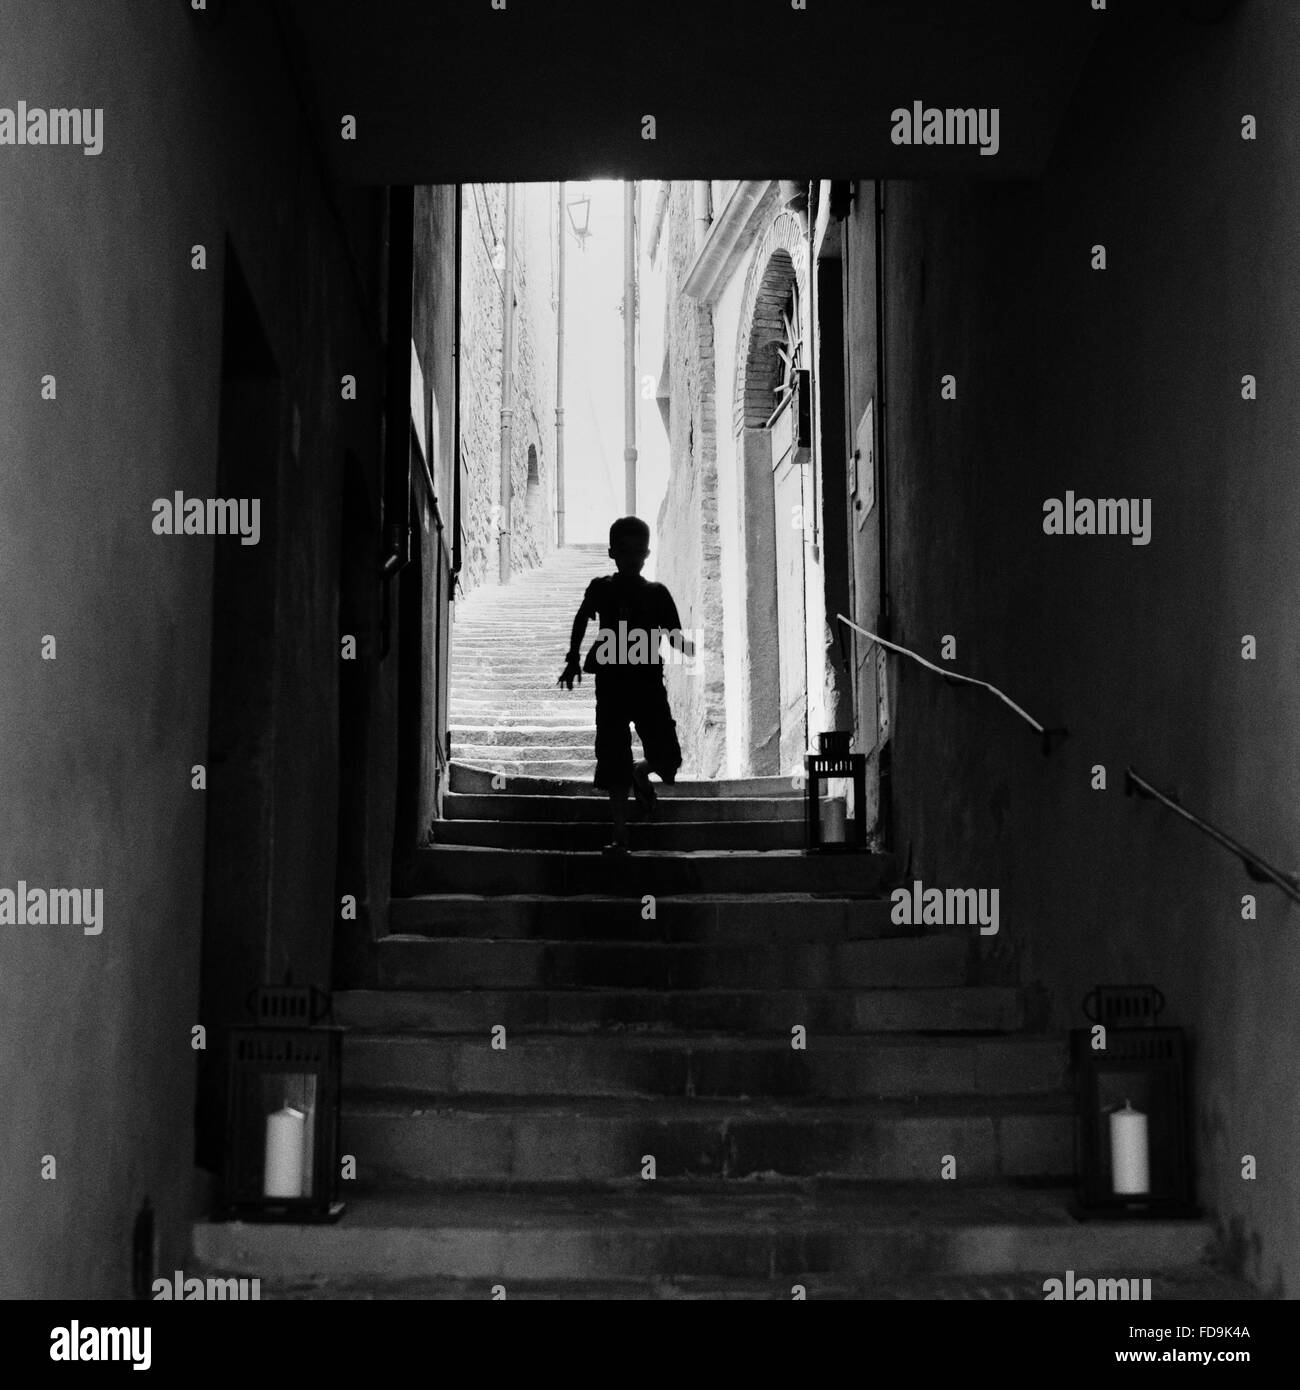 Silhouette di un ragazzo in fasi Immagini Stock